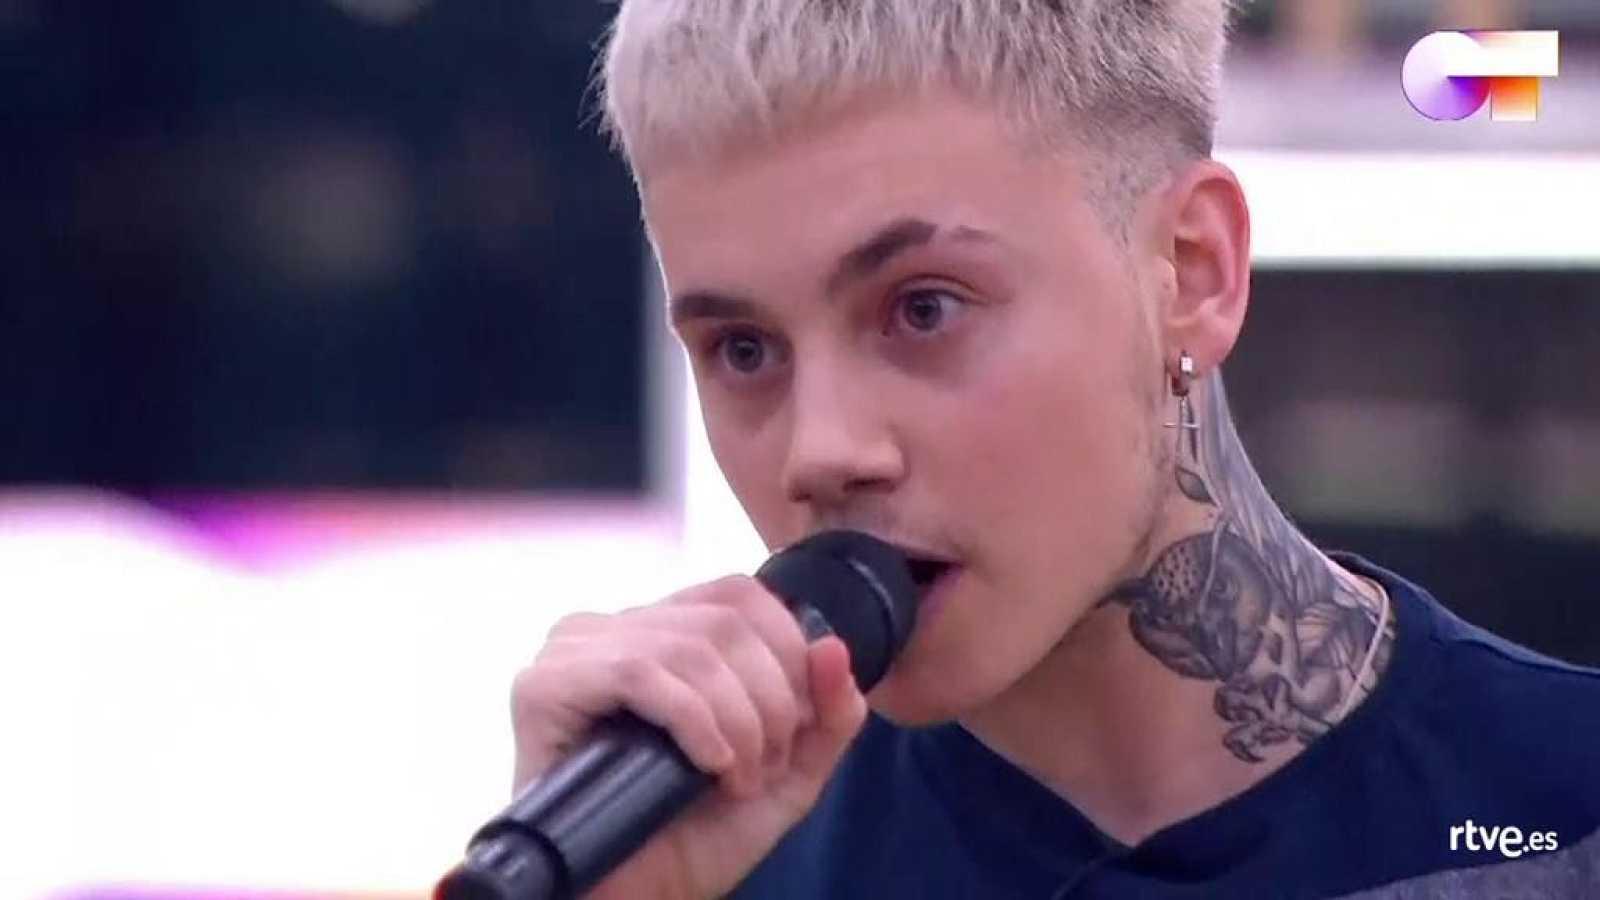 """Hugo canta """"Genius"""", de Sia, Diplo y Labrinth, en el primer pase de micros de la Gala 7 de Operación Triunfo 2020"""